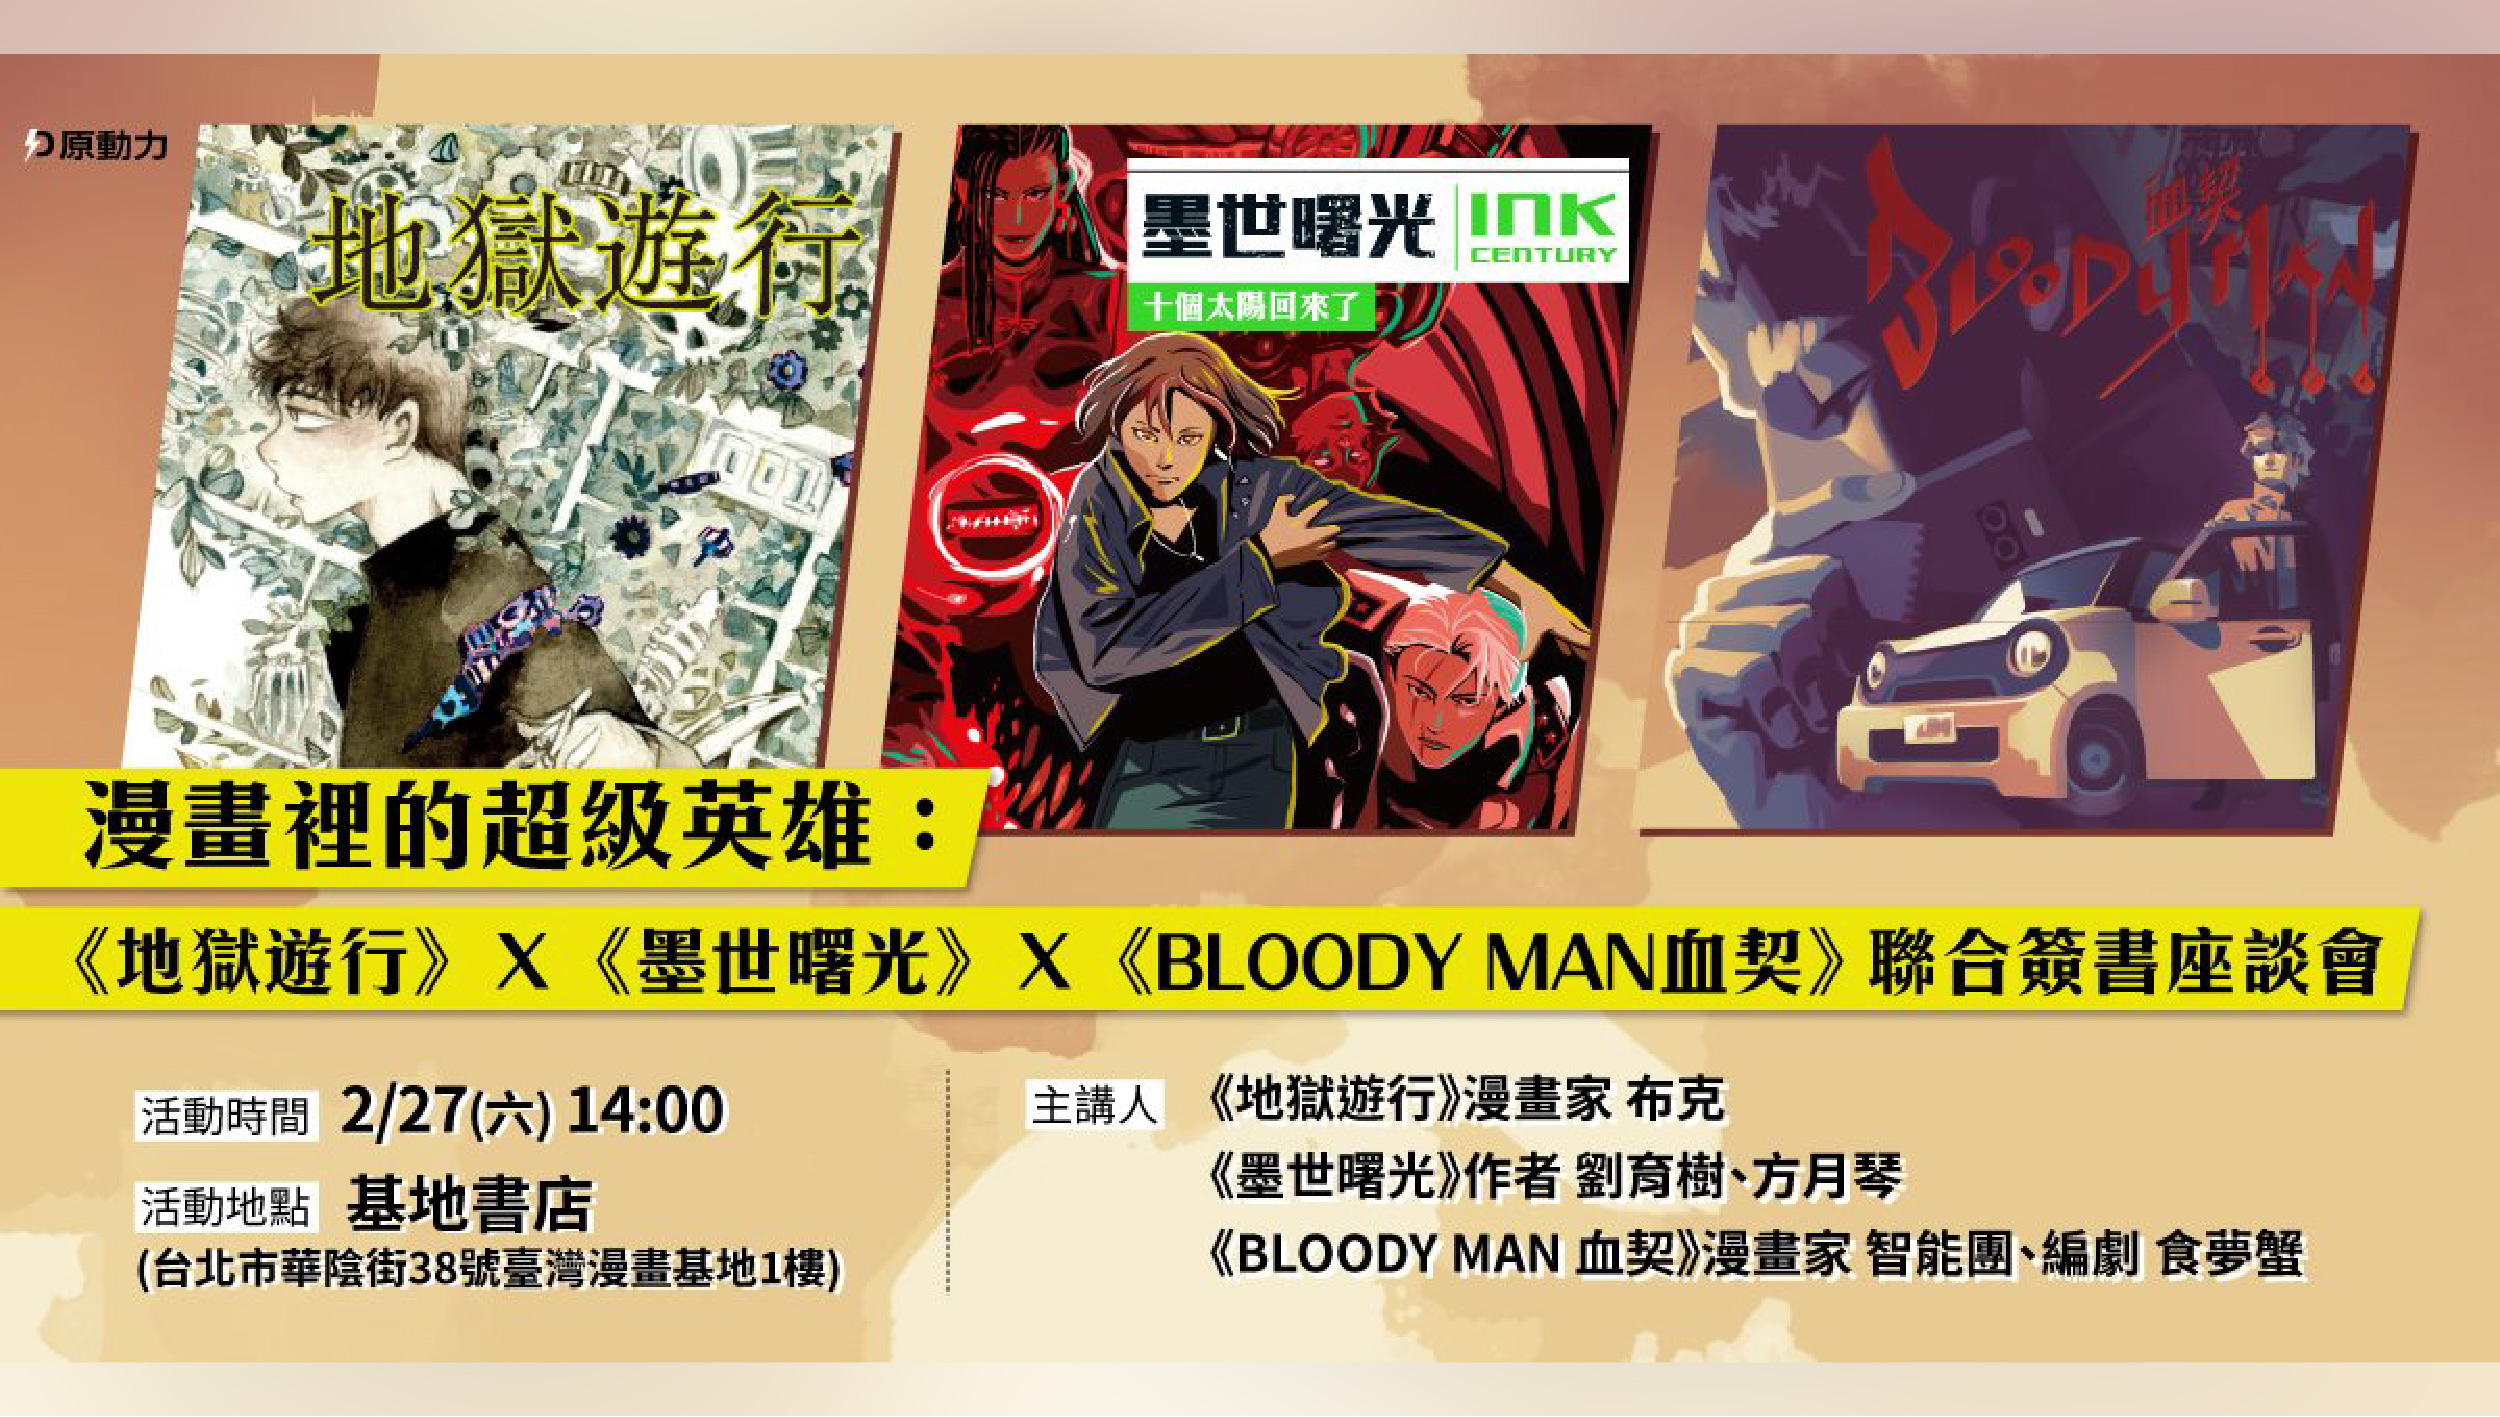 漫畫裡的超級英雄:《地獄遊行》X《墨世曙光》X《BLOODY MAN血契》聯合簽書座談會